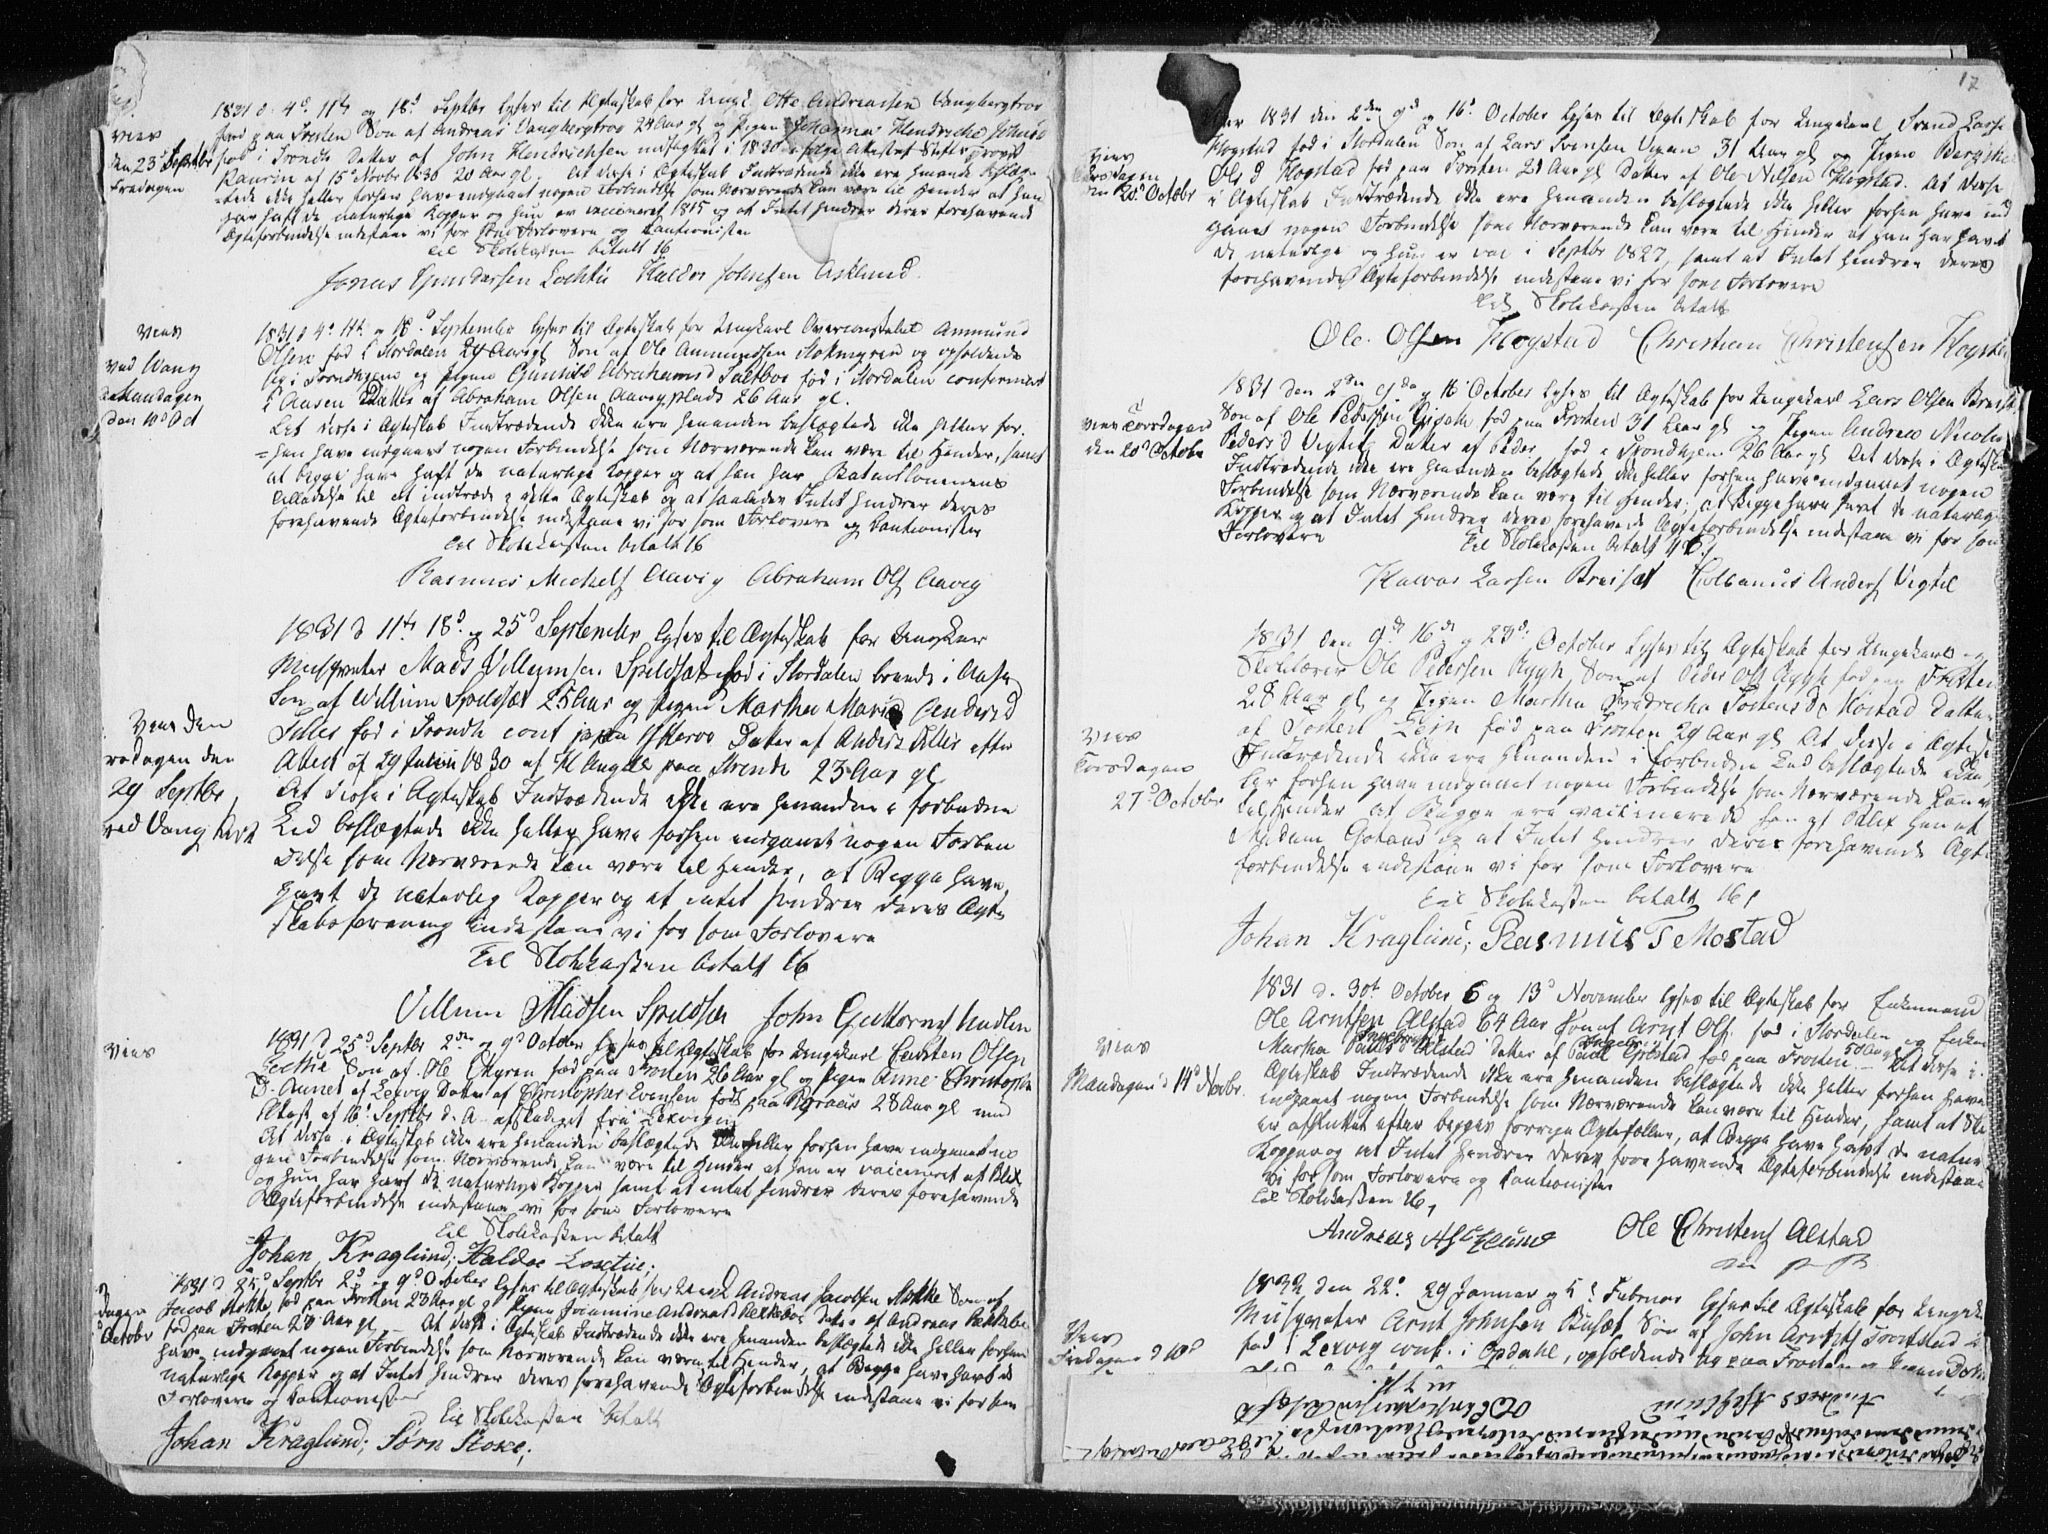 SAT, Ministerialprotokoller, klokkerbøker og fødselsregistre - Nord-Trøndelag, 713/L0114: Ministerialbok nr. 713A05, 1827-1839, s. 17